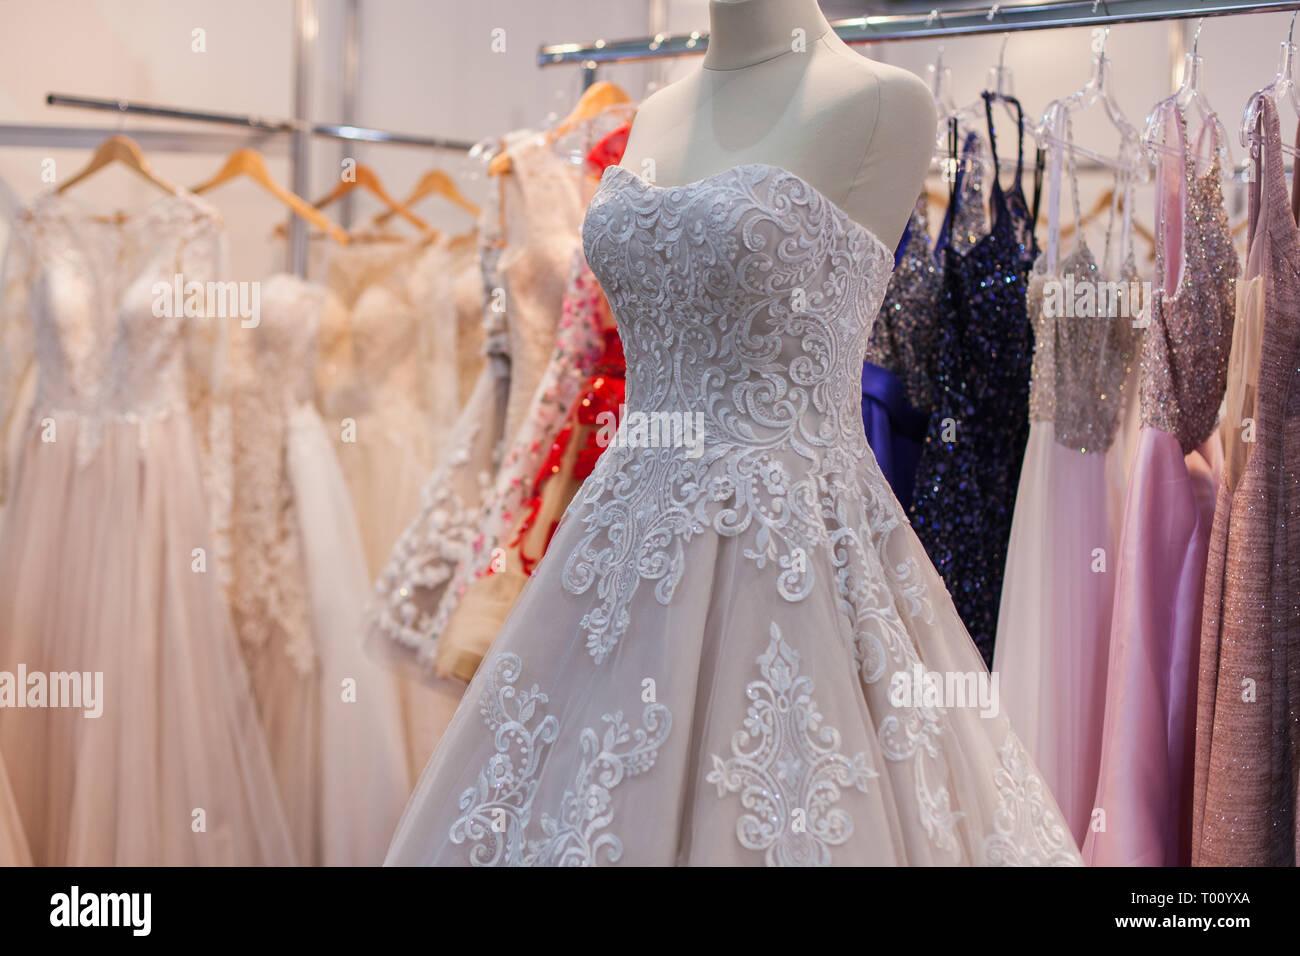 6b346be555c Hermoso vestido de novia en un maniquí en la tienda. Celebración de boda.  Compras